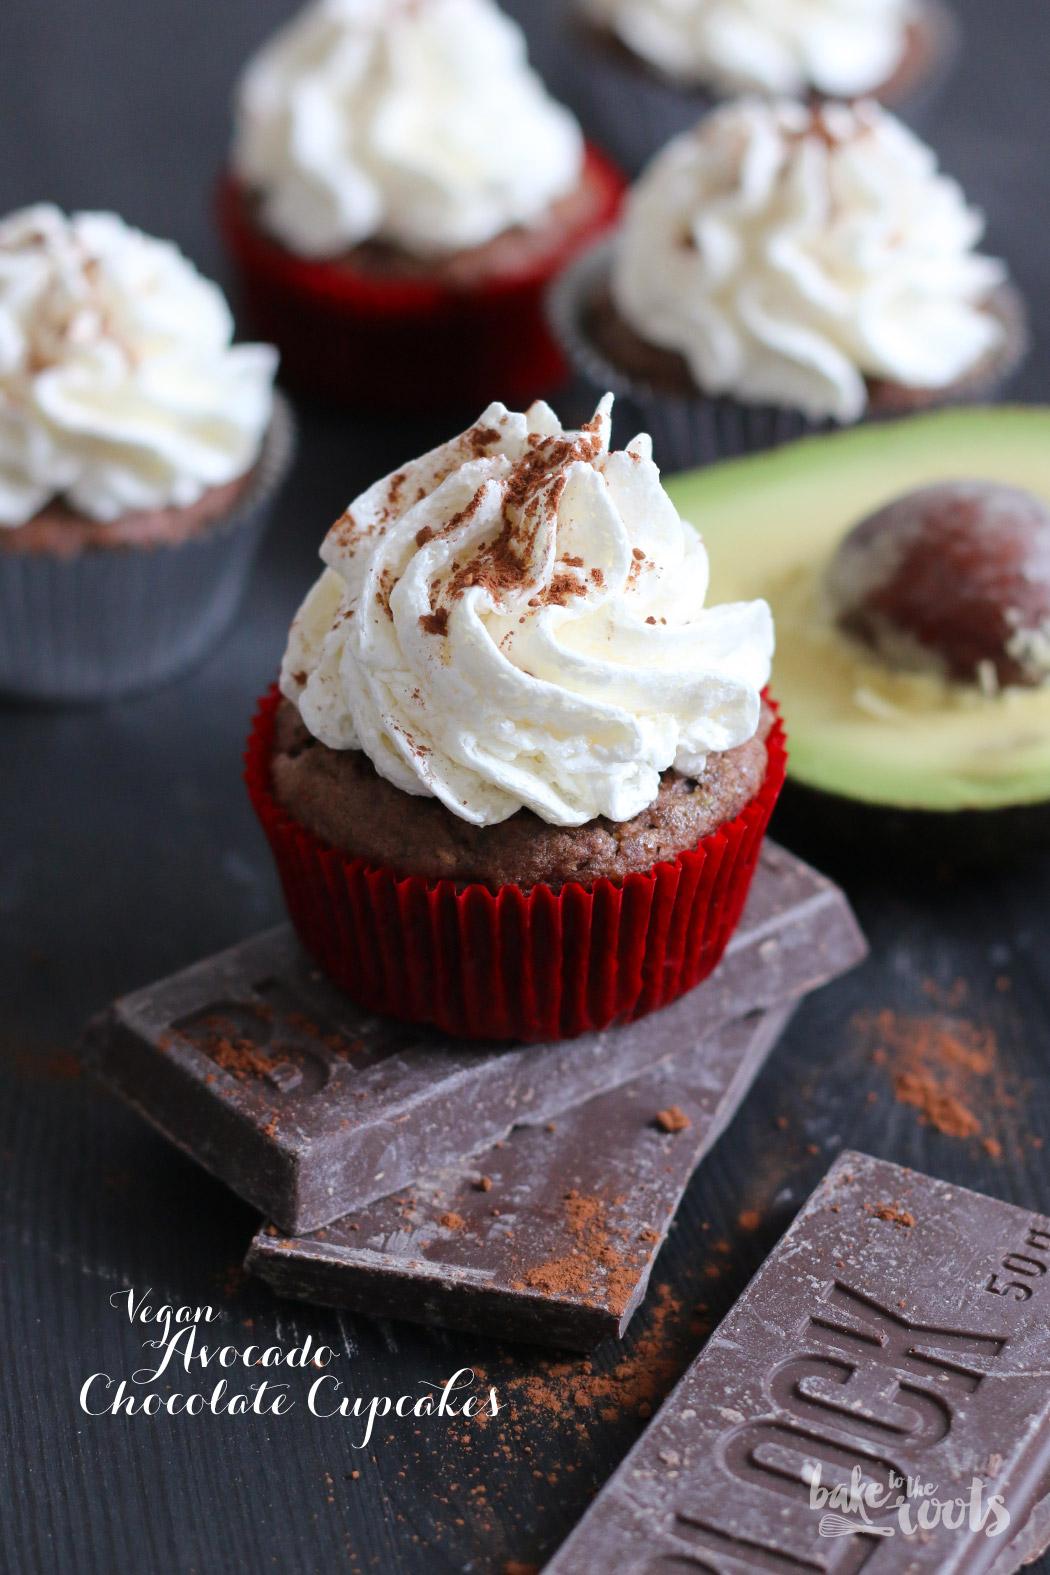 Vegane Avocado Chocolate Cupcakes mit Chia Rezept von bake to the roots zum #Superfoodsamstag bei feiertaeglich.de